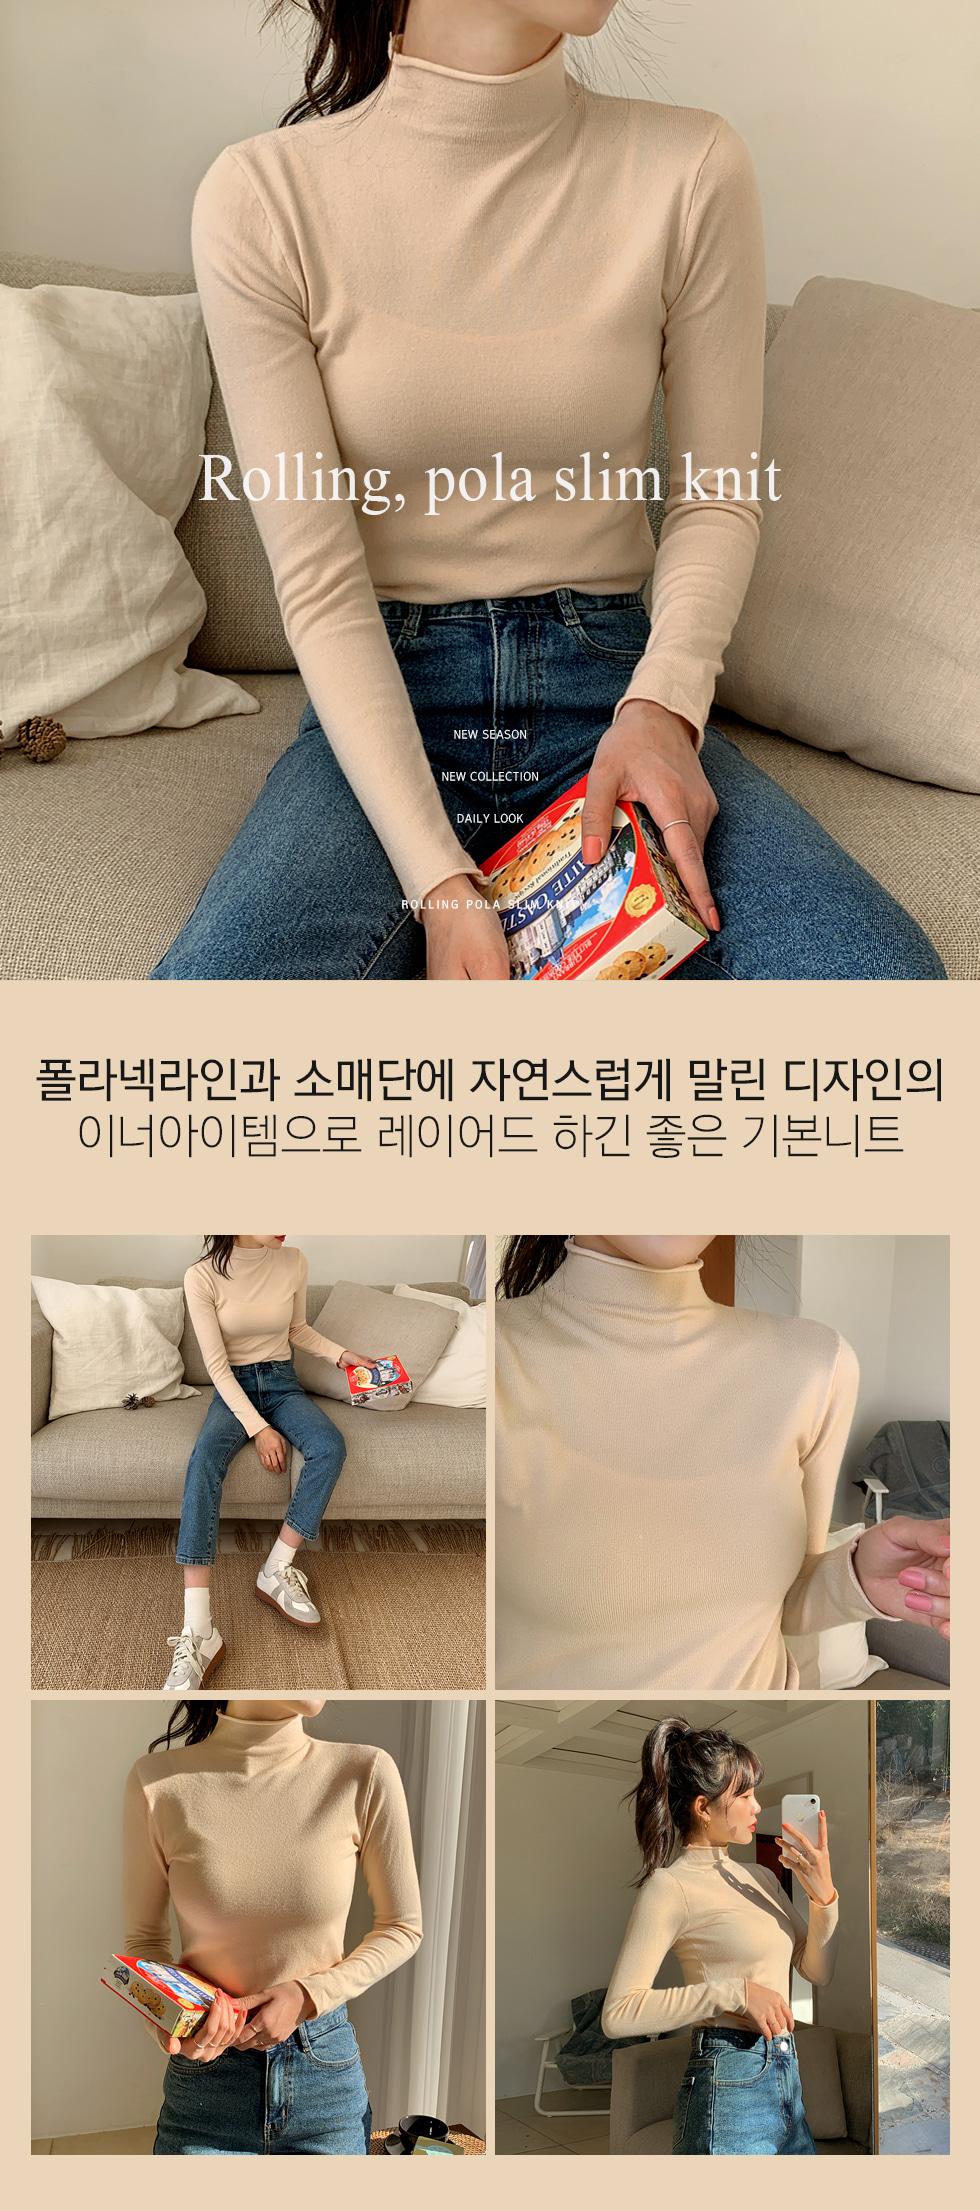 Rolling Turtleneck Slim Knitwear